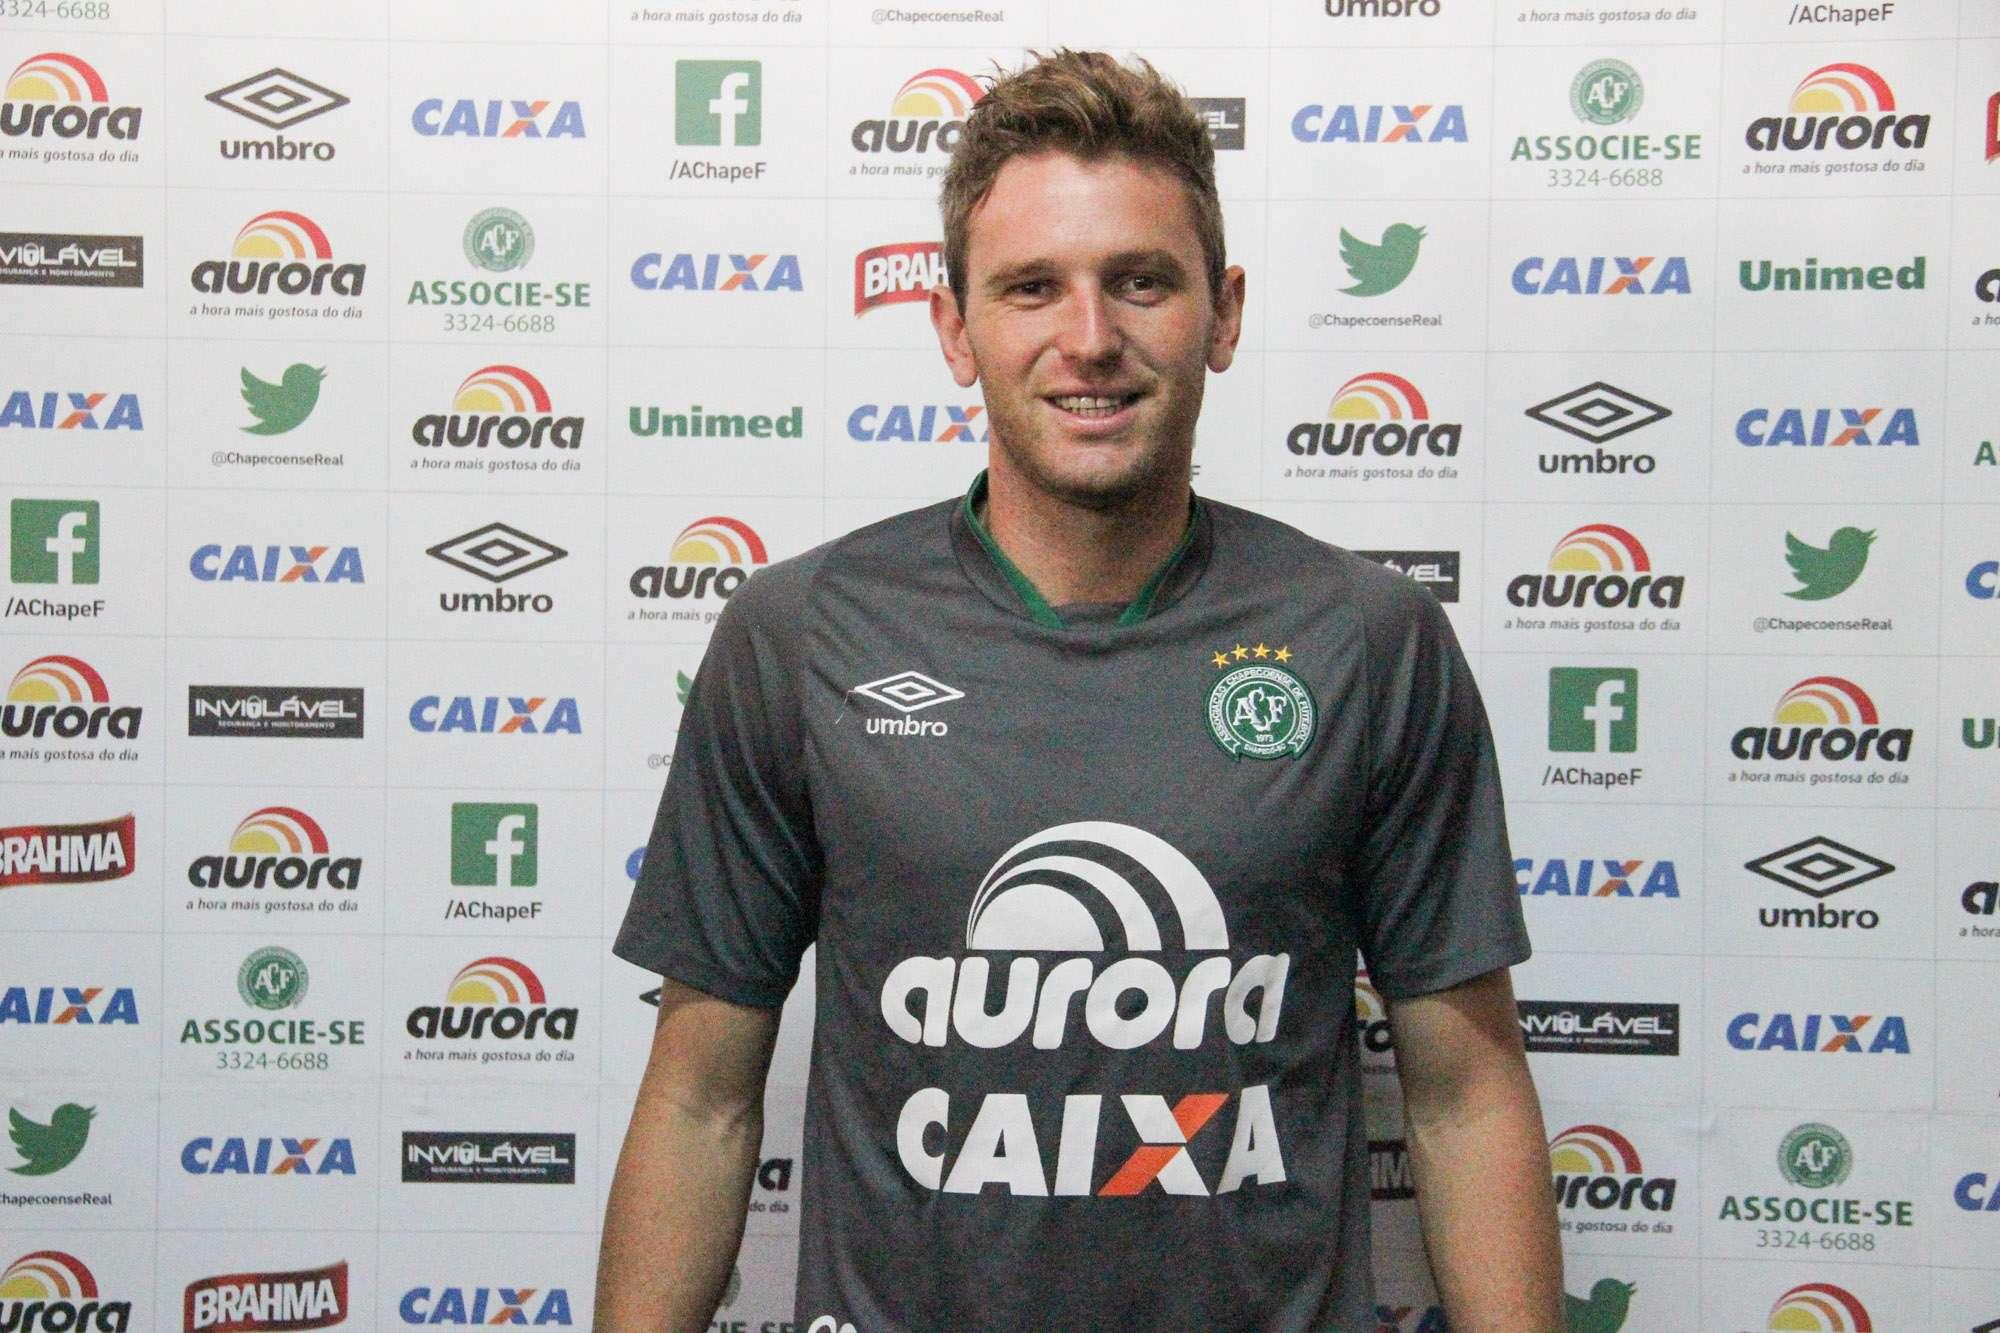 Fabiano está na mira do Corinthians Foto: Diego Carvalho/Aguante/Chapecoense/Divulgação